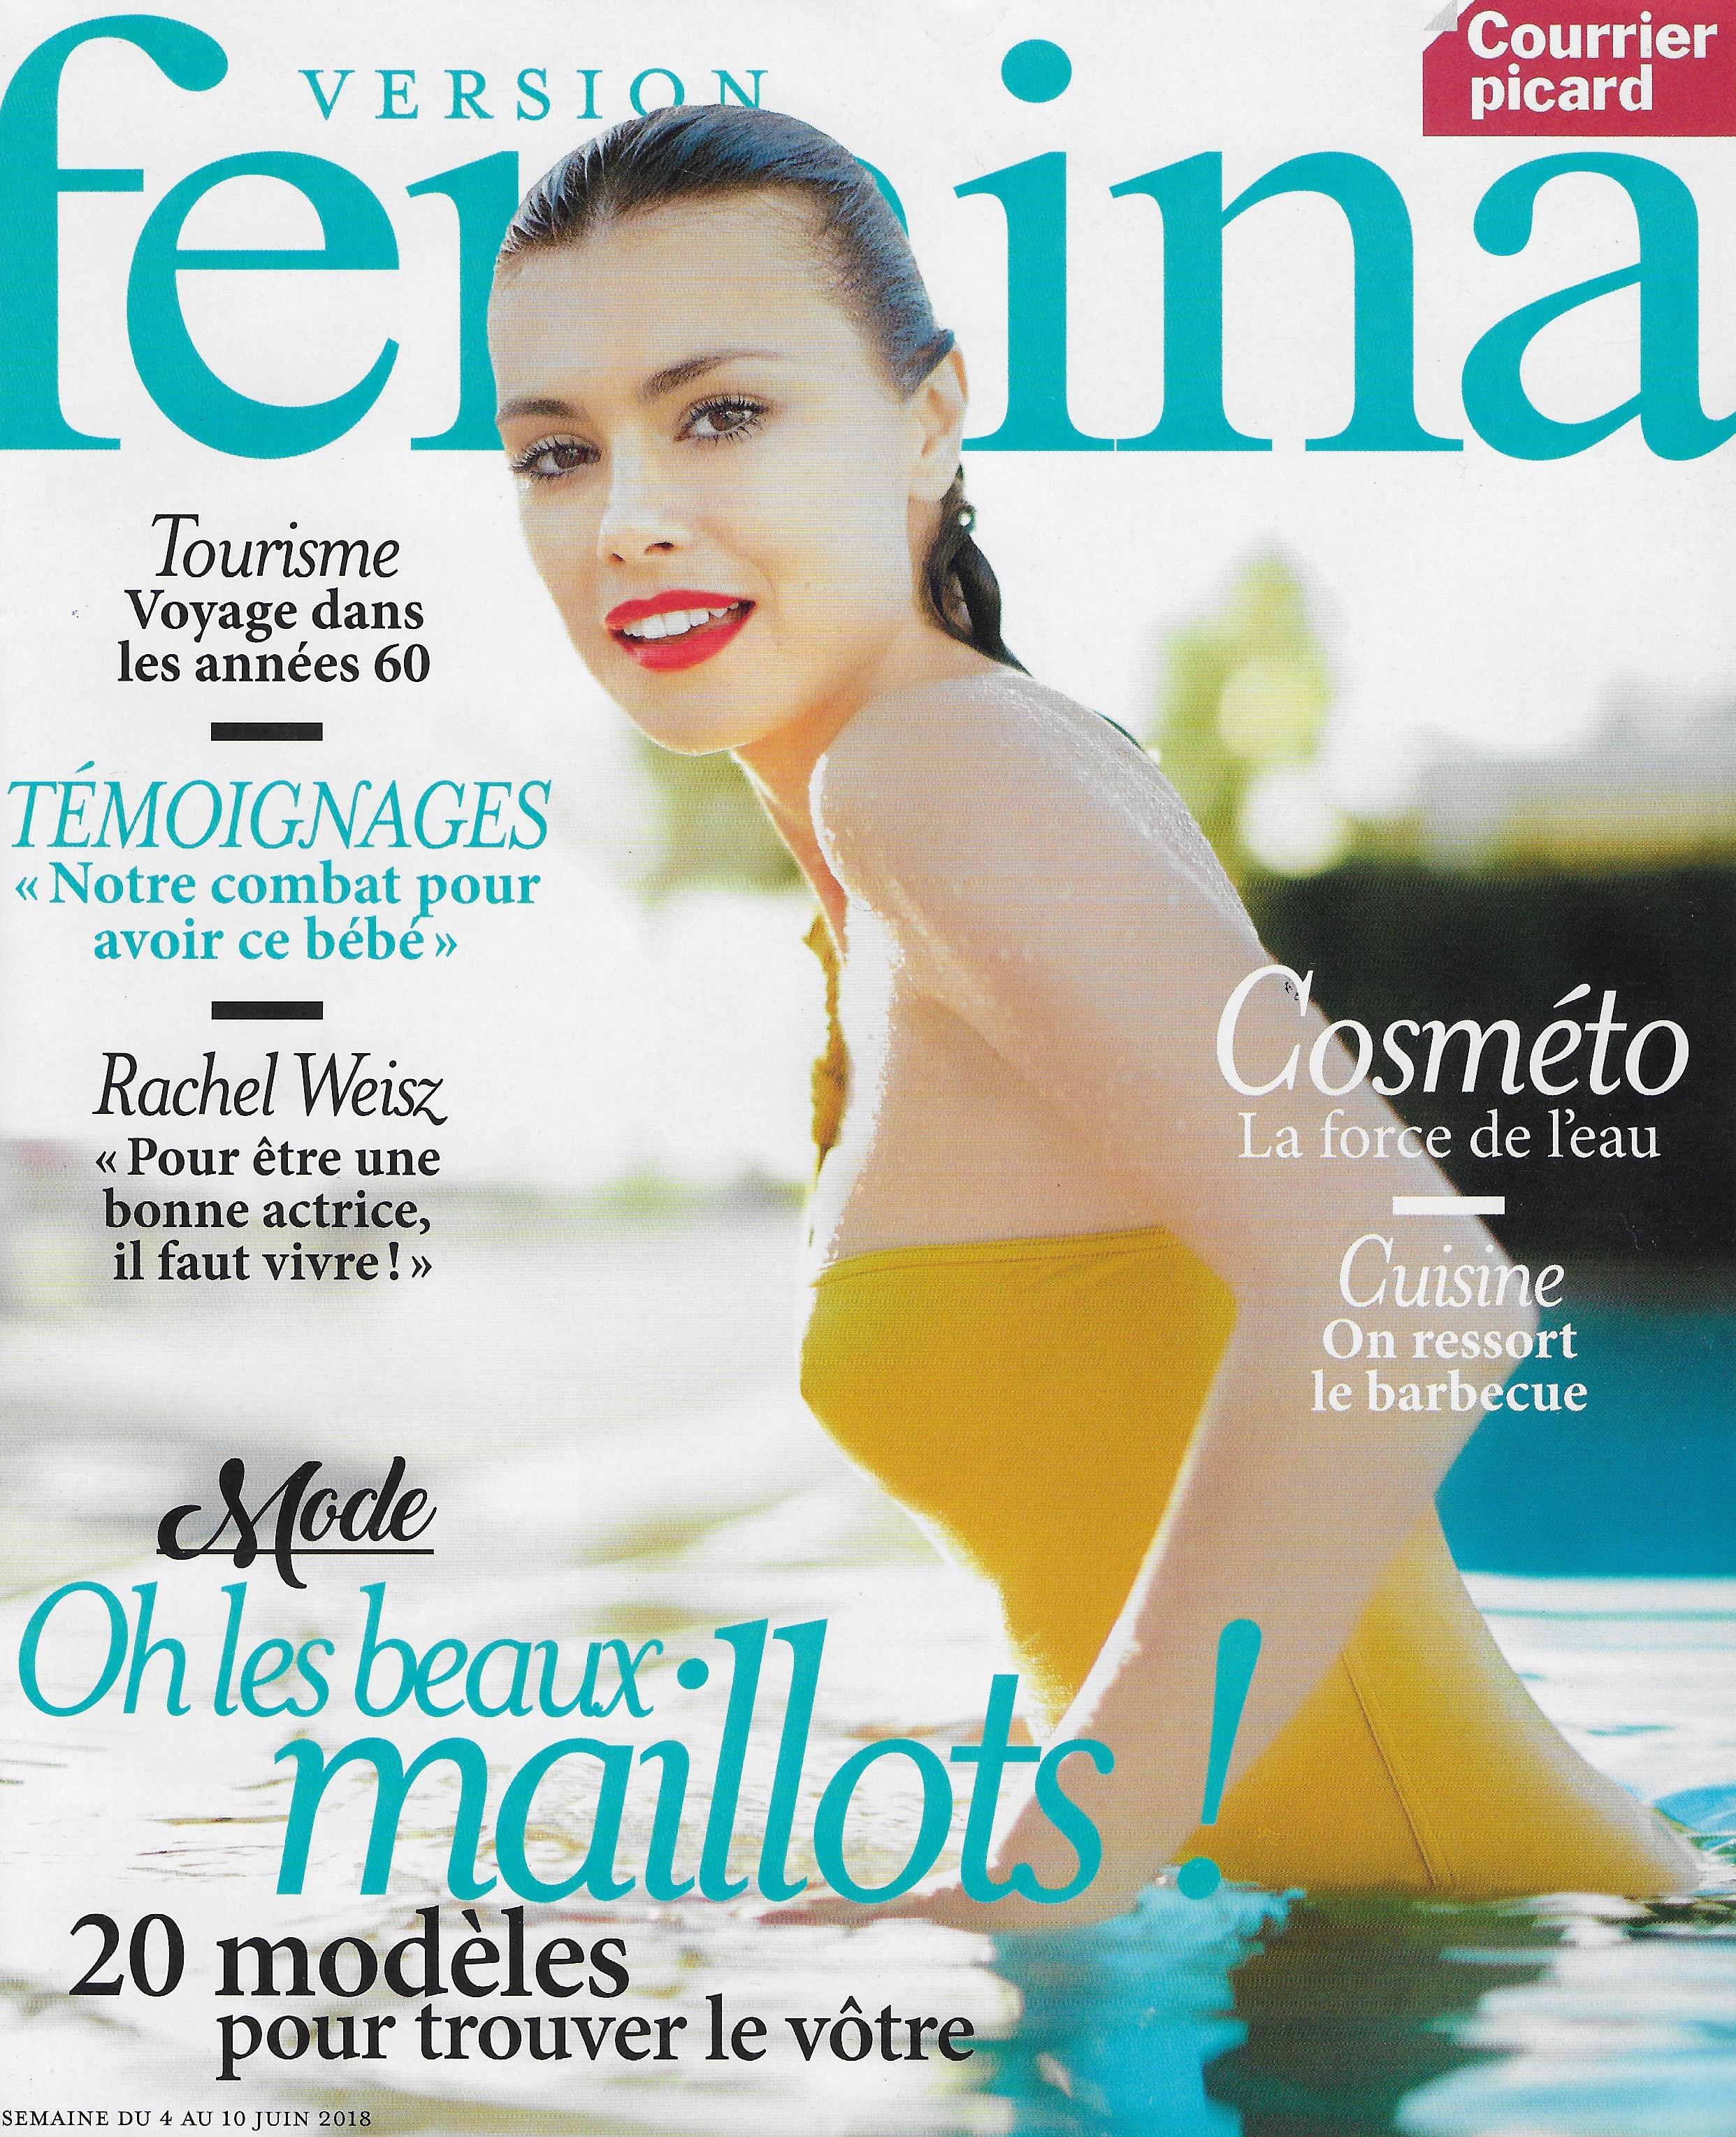 ersion Femina - 1 juin 2018-Couv.jpeg